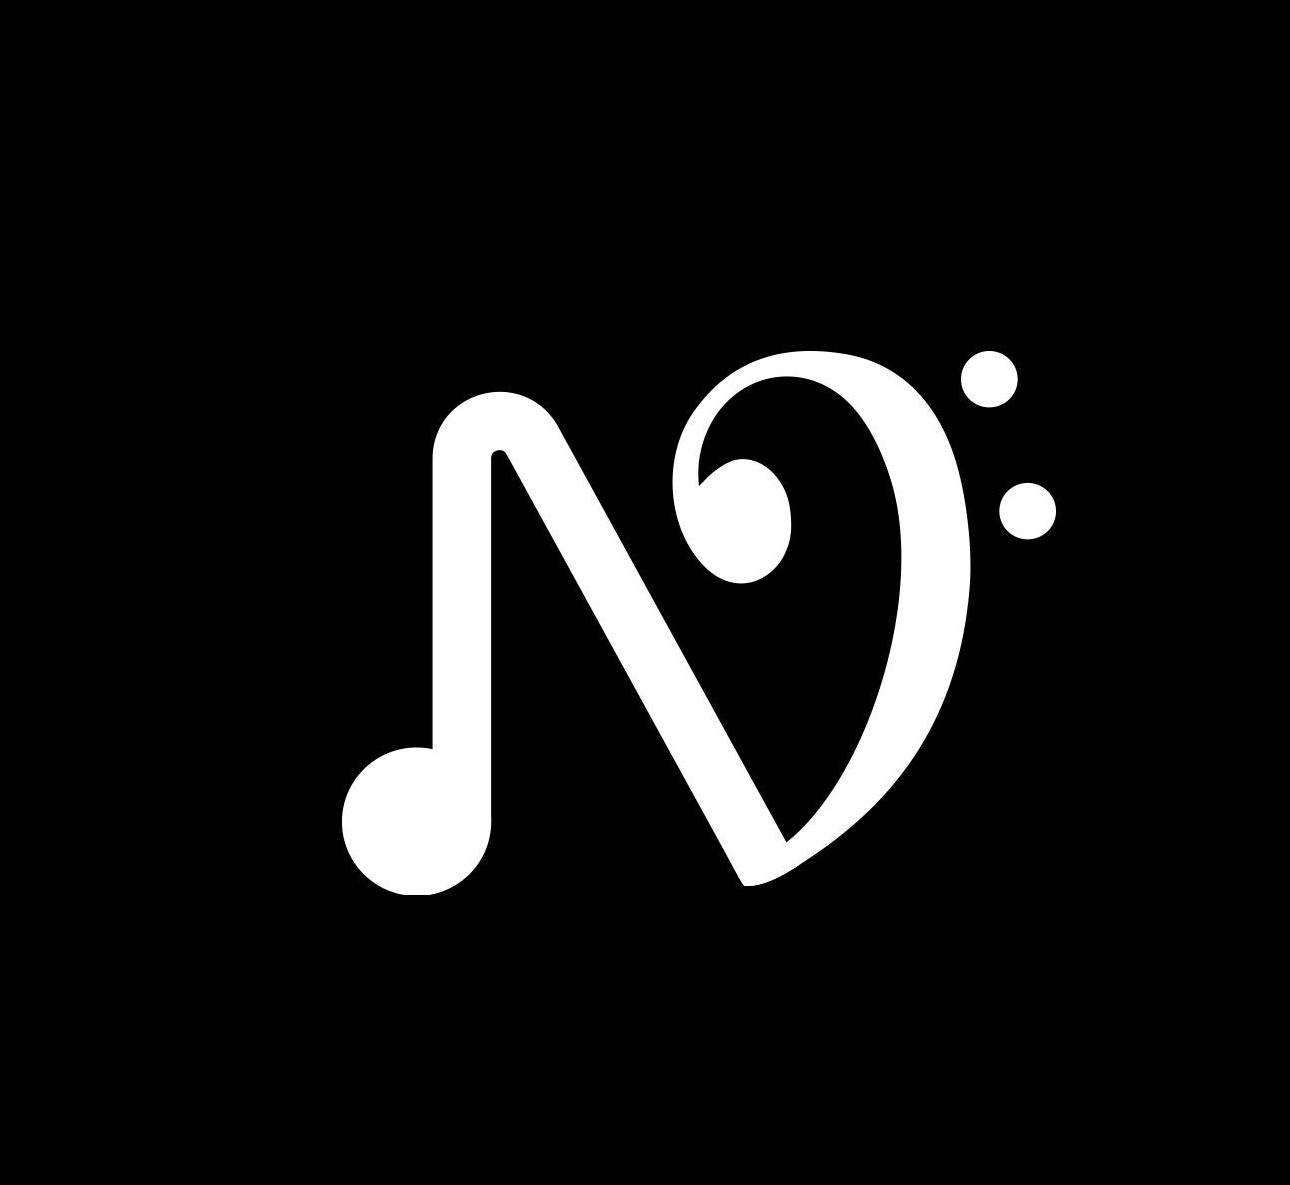 NoteToSelf LLC